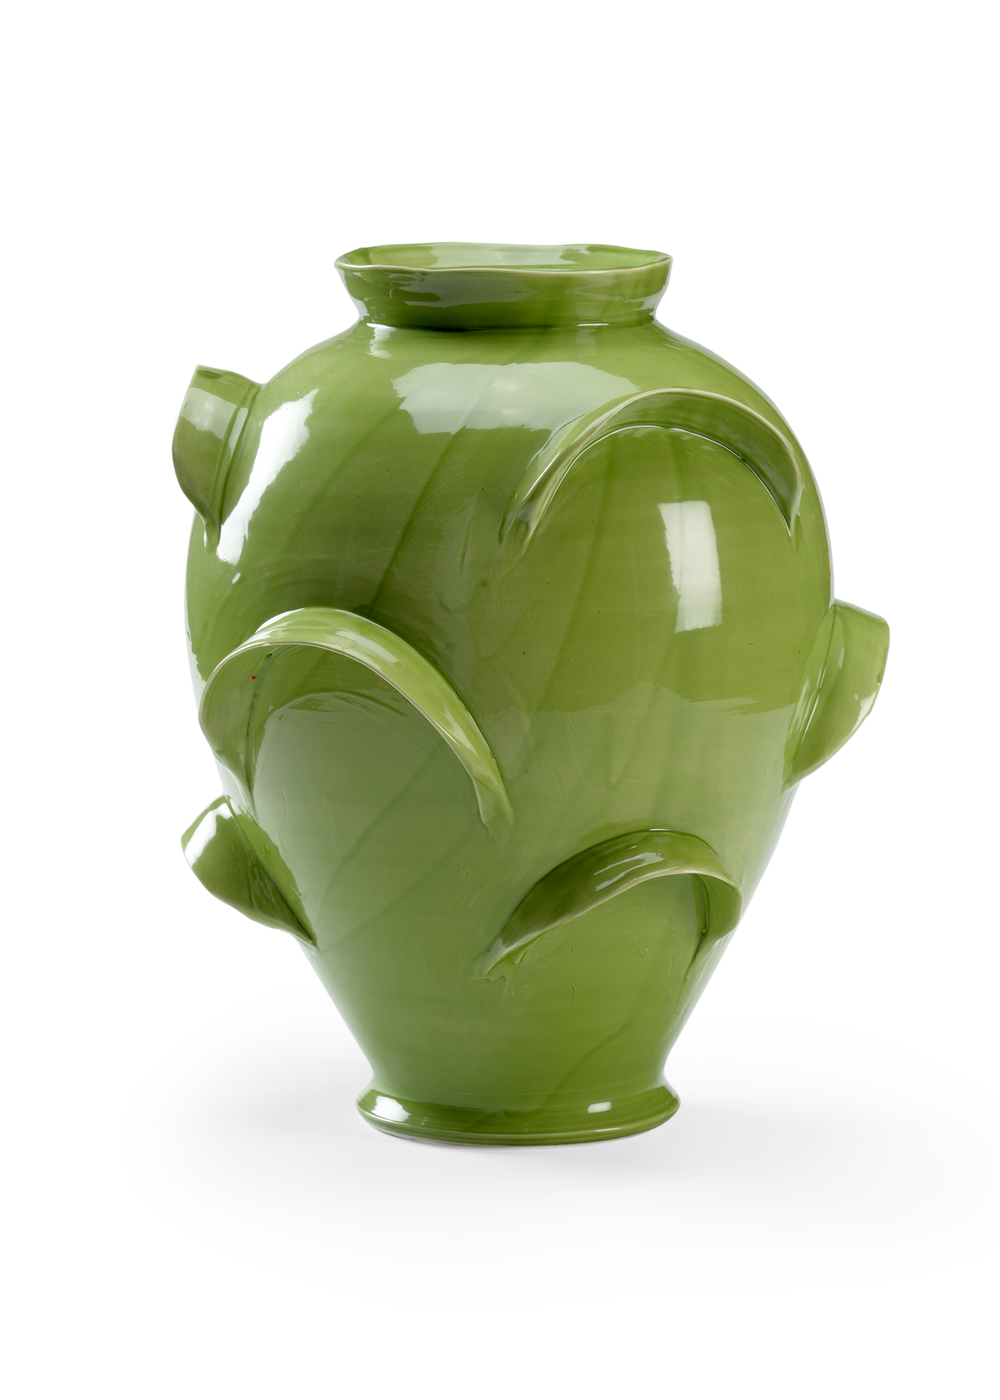 Chelsea House - Whiston Vase